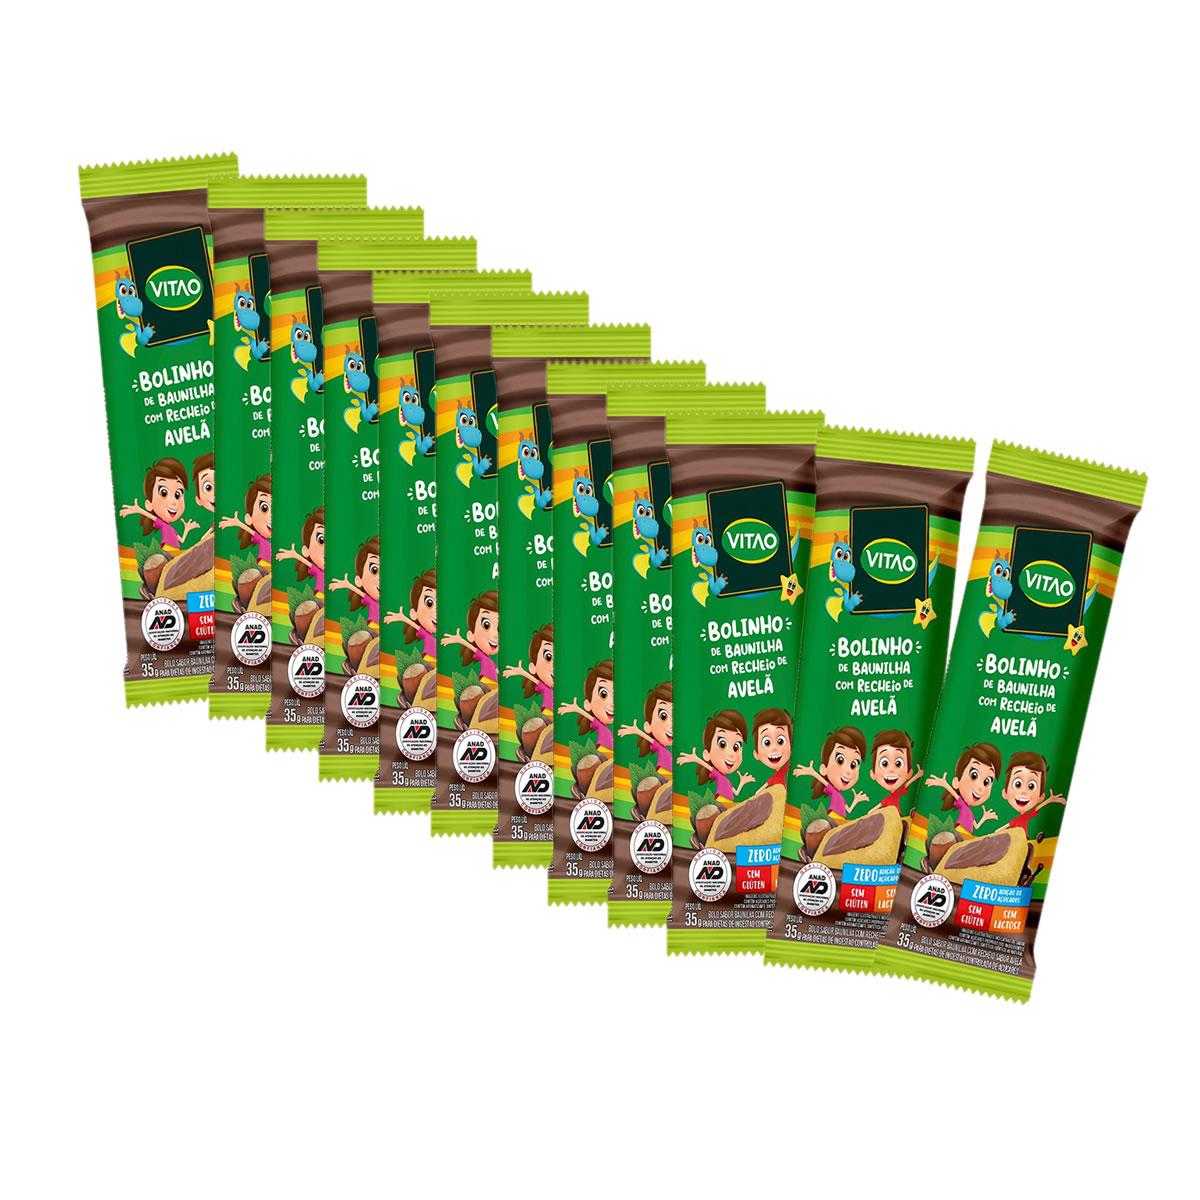 Bolinho de Baunilha com Recheio de Avelã Sem Glúten Display com 12 un de 35g Kids - Vitao